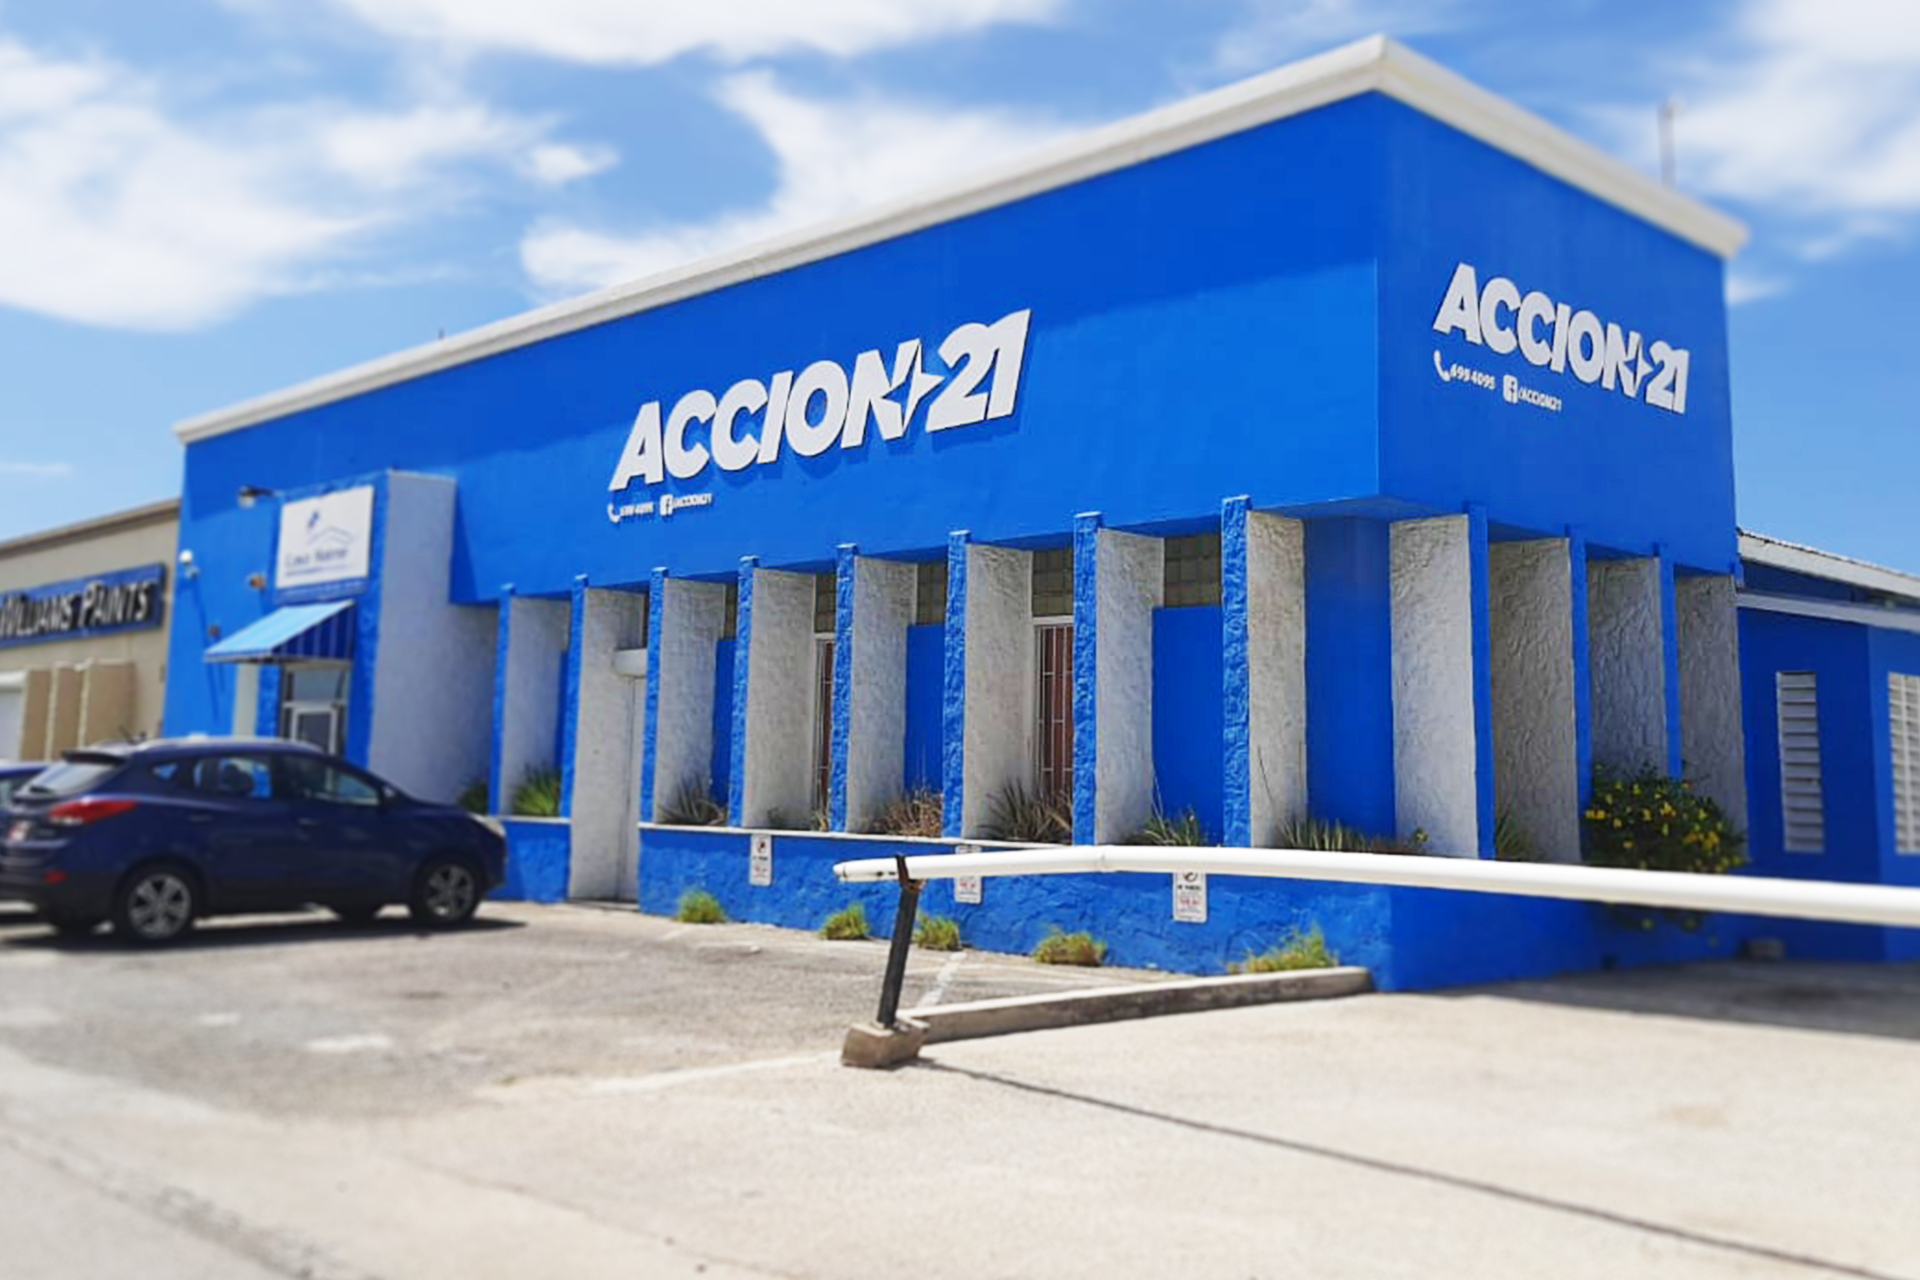 Accion21 HQ